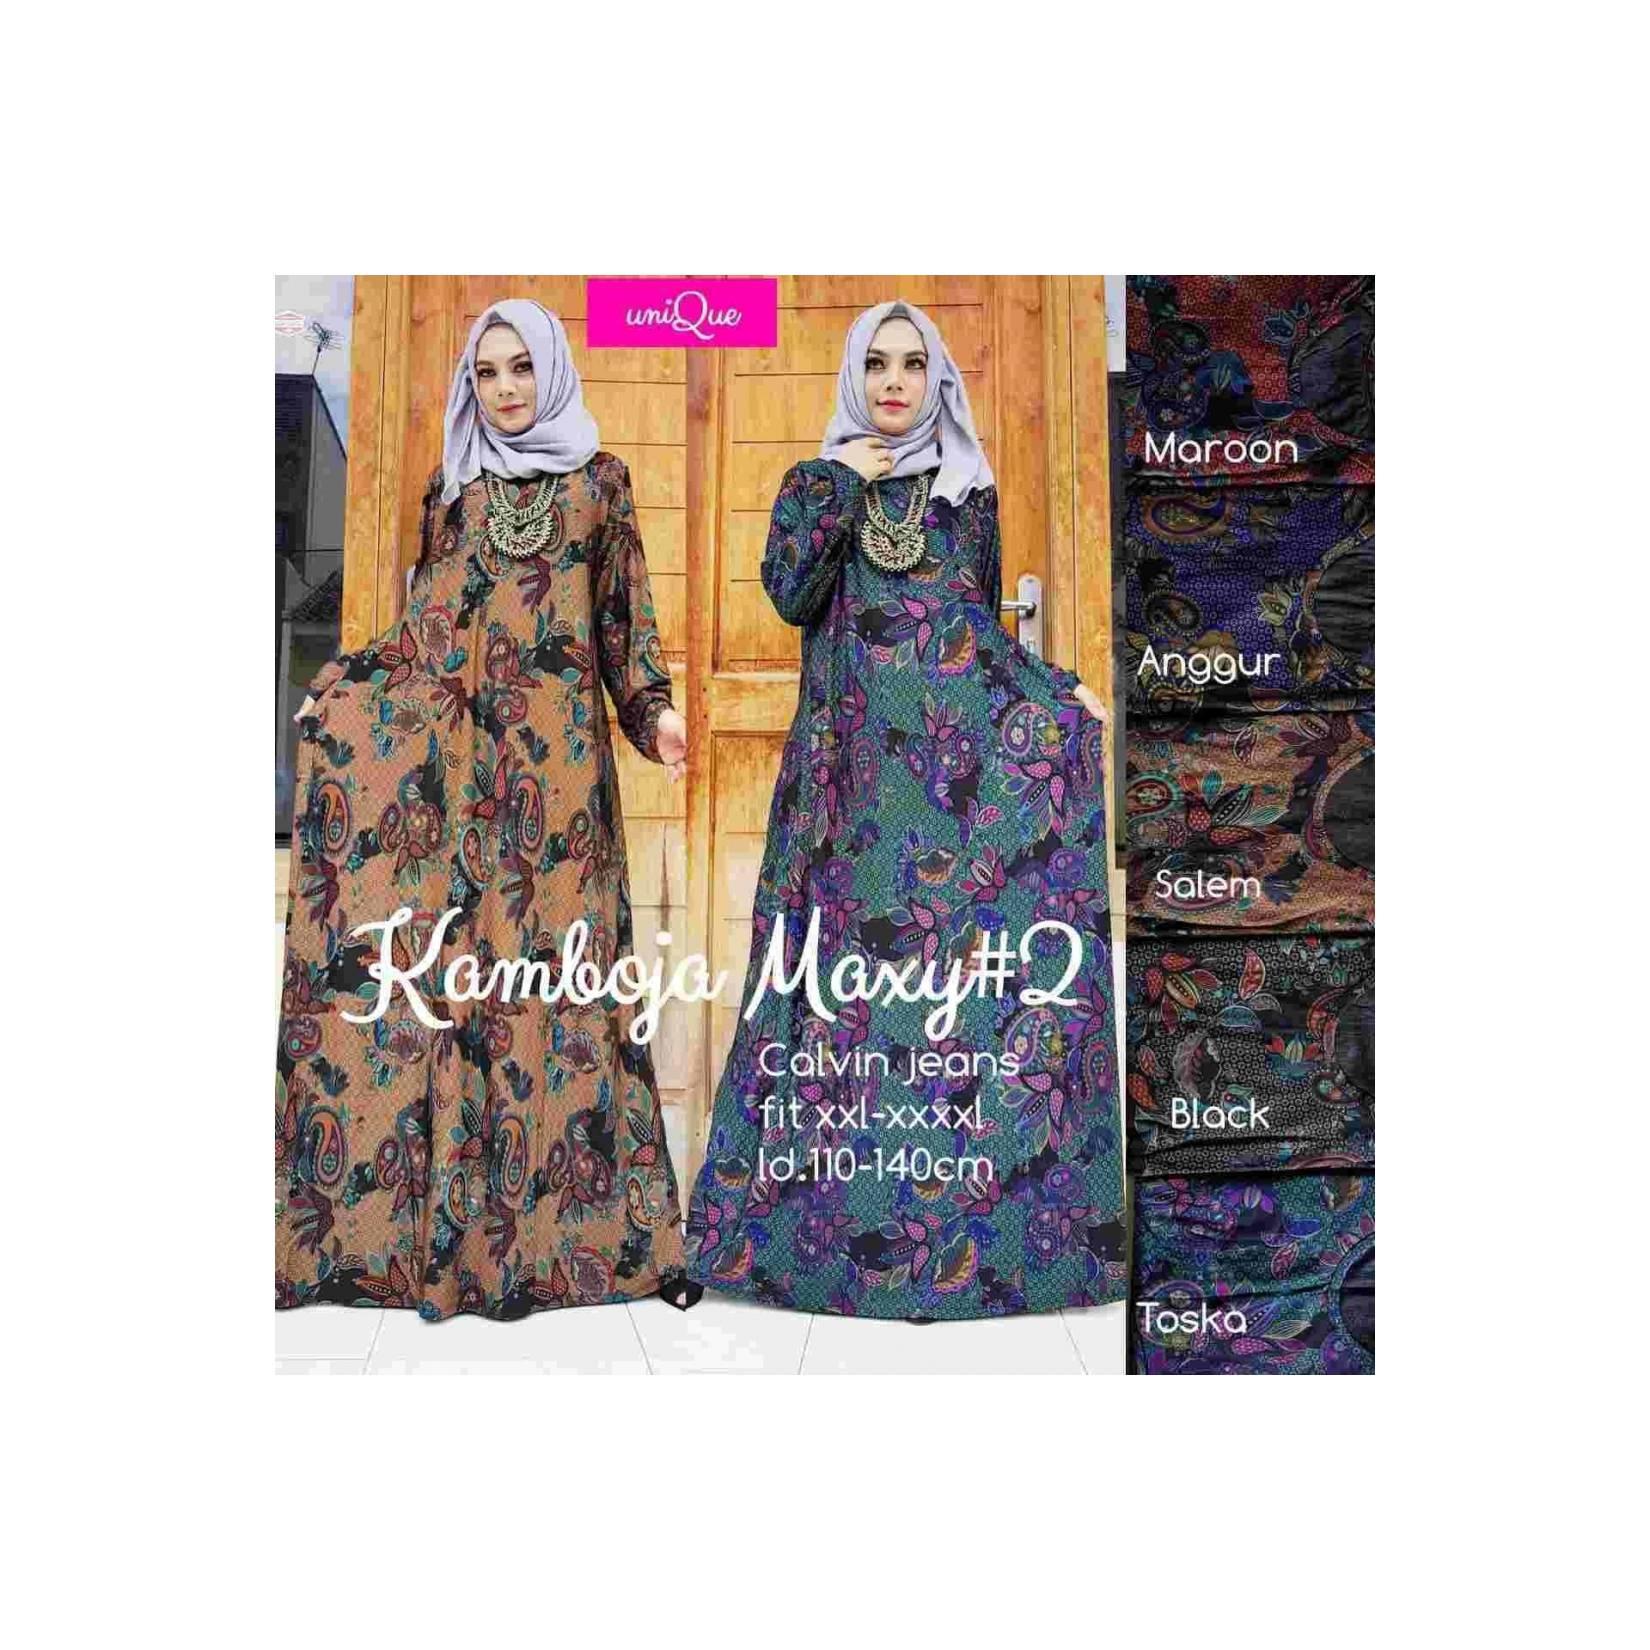 Harga Gamis Calvin Jeans Termurah 2018 Harga Terbaru